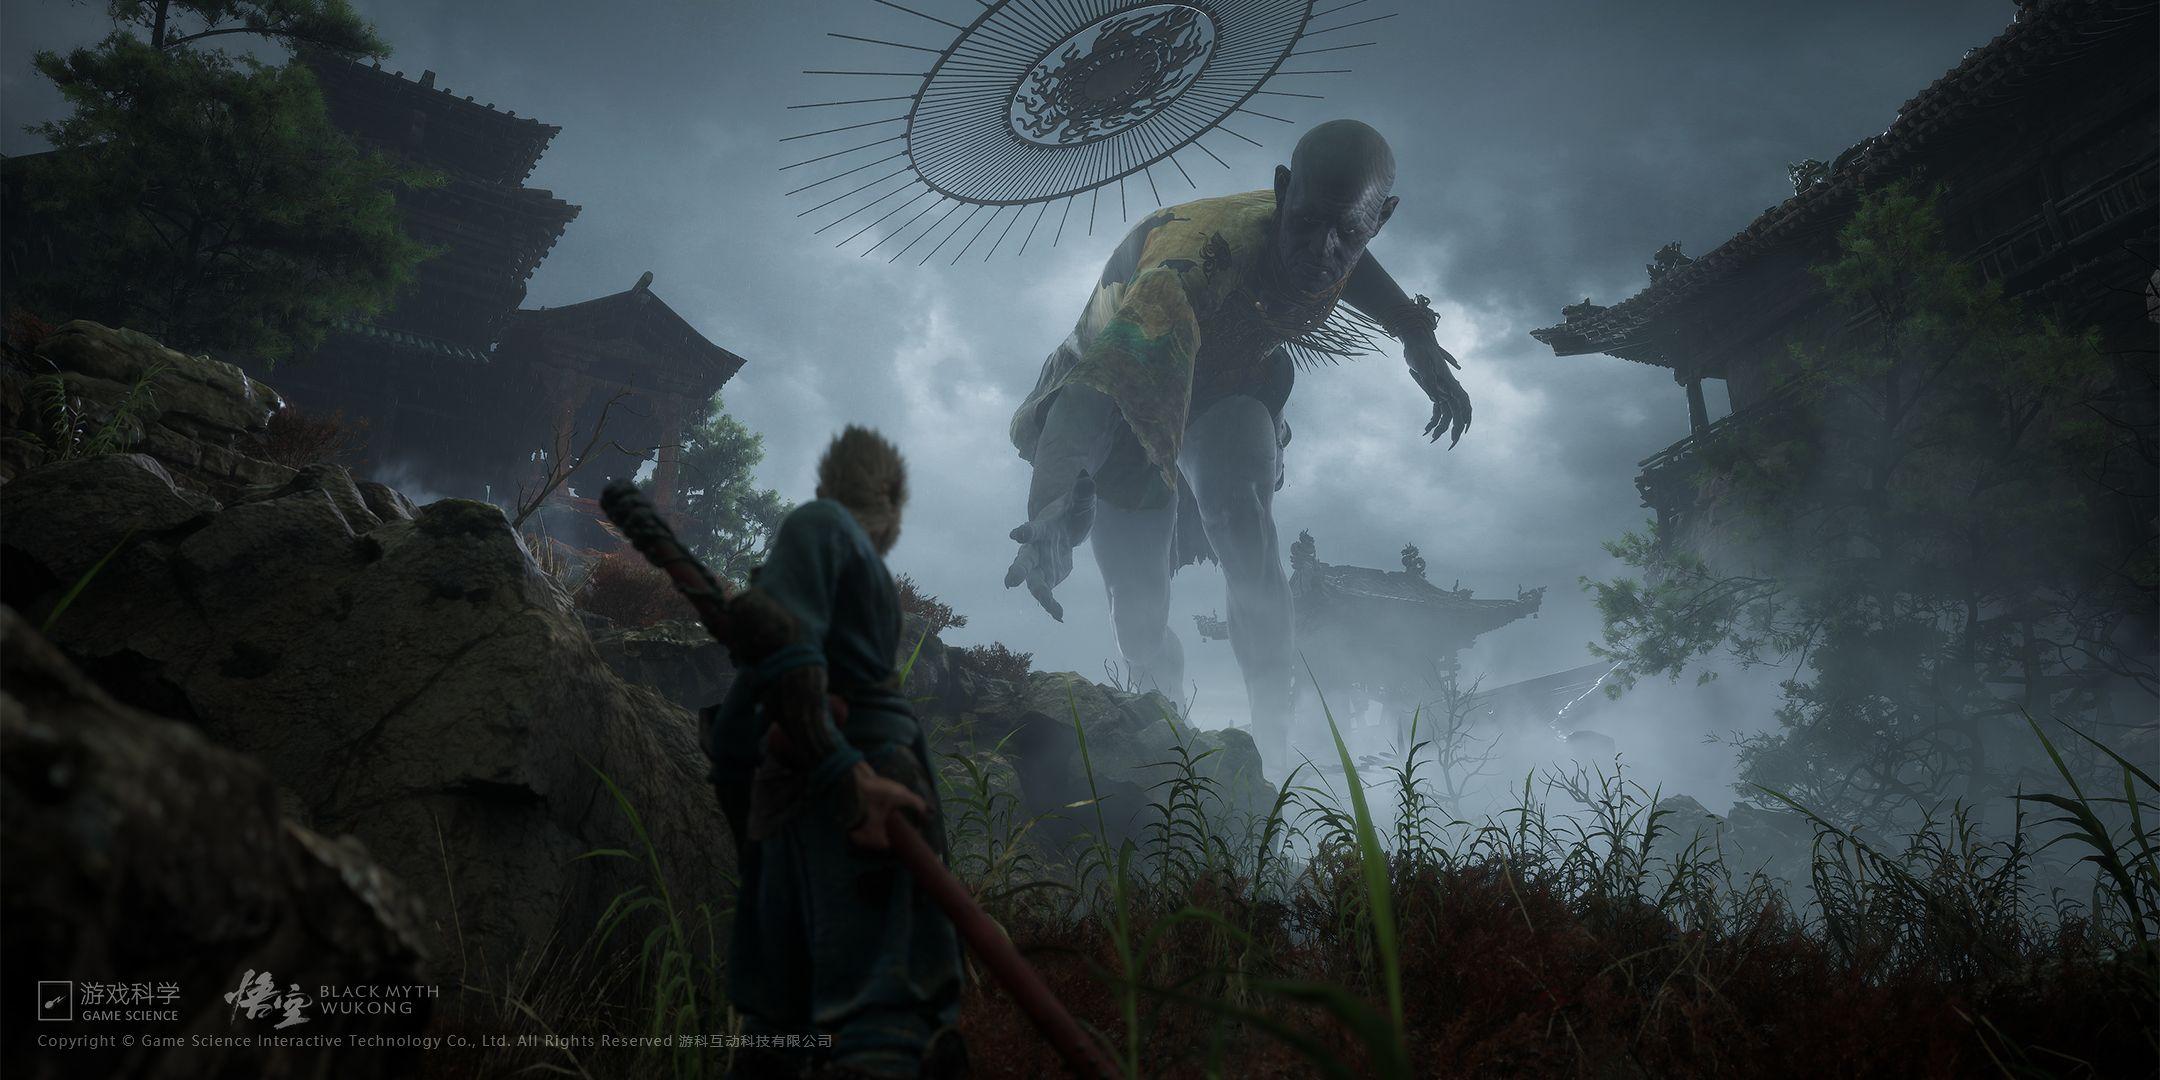 تریلر گیم پلی بازی Black Myth: Wukong